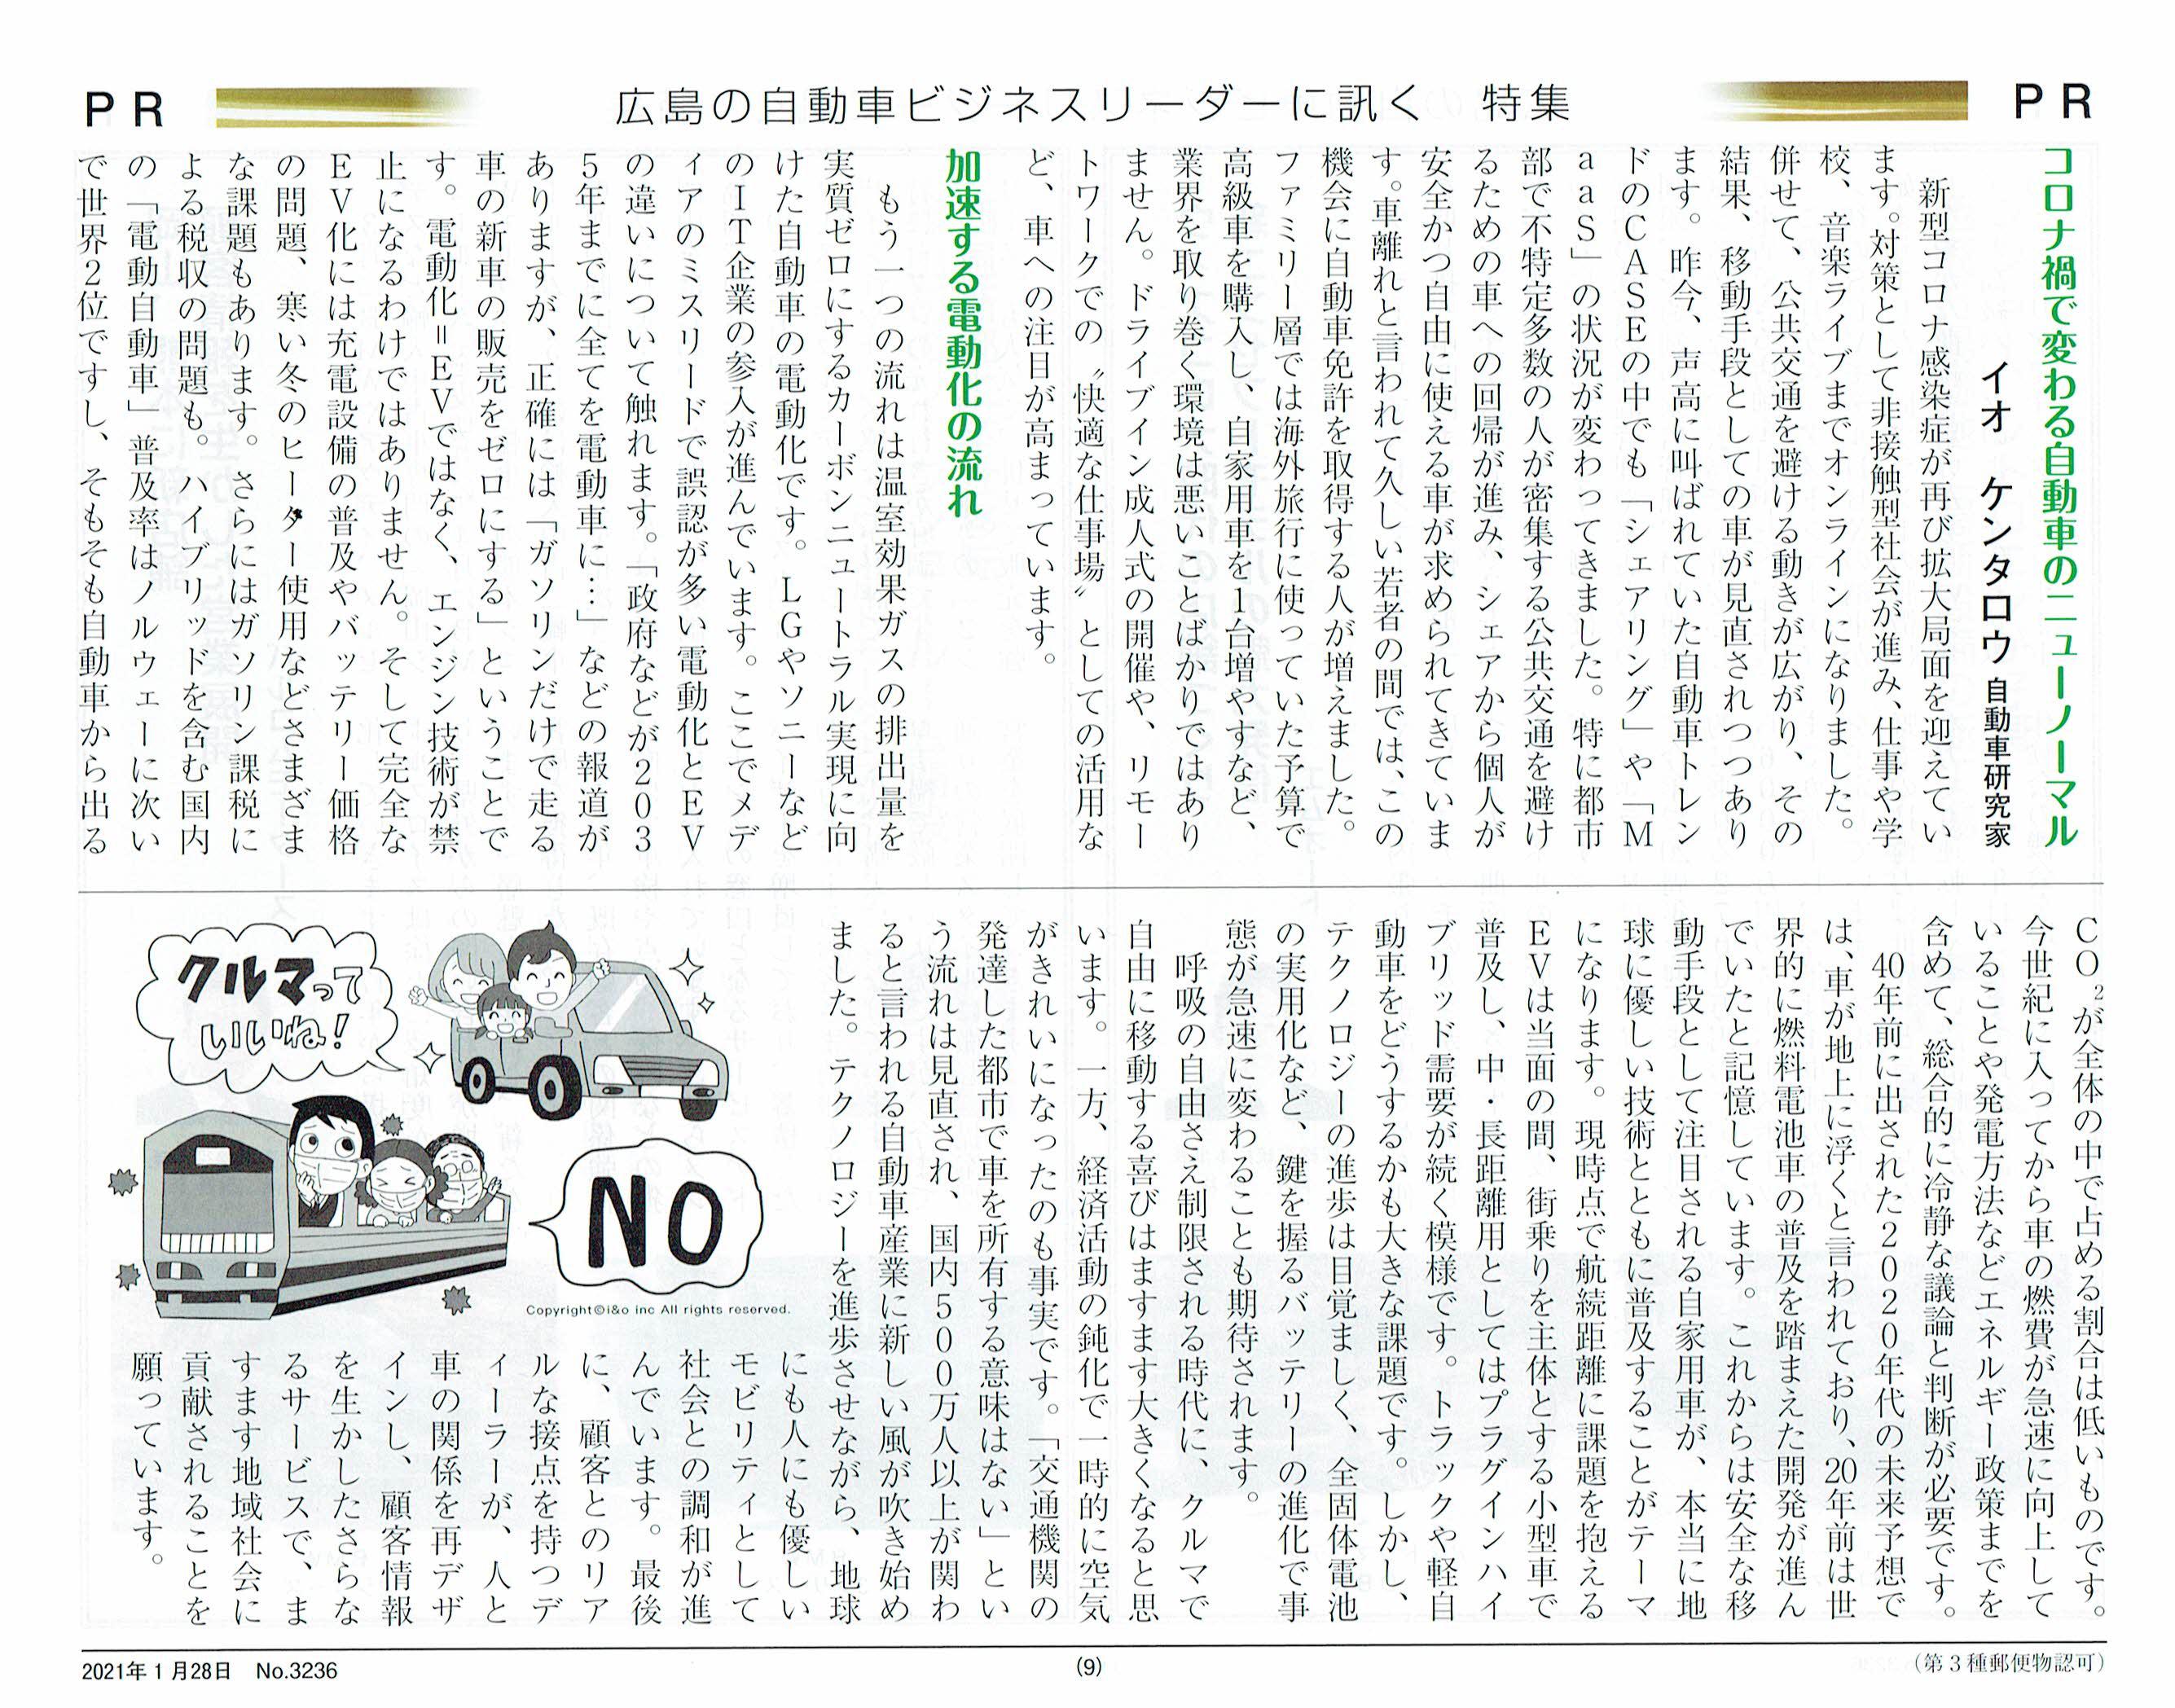 「広島経済レポート」に自動車記事が掲載されました。